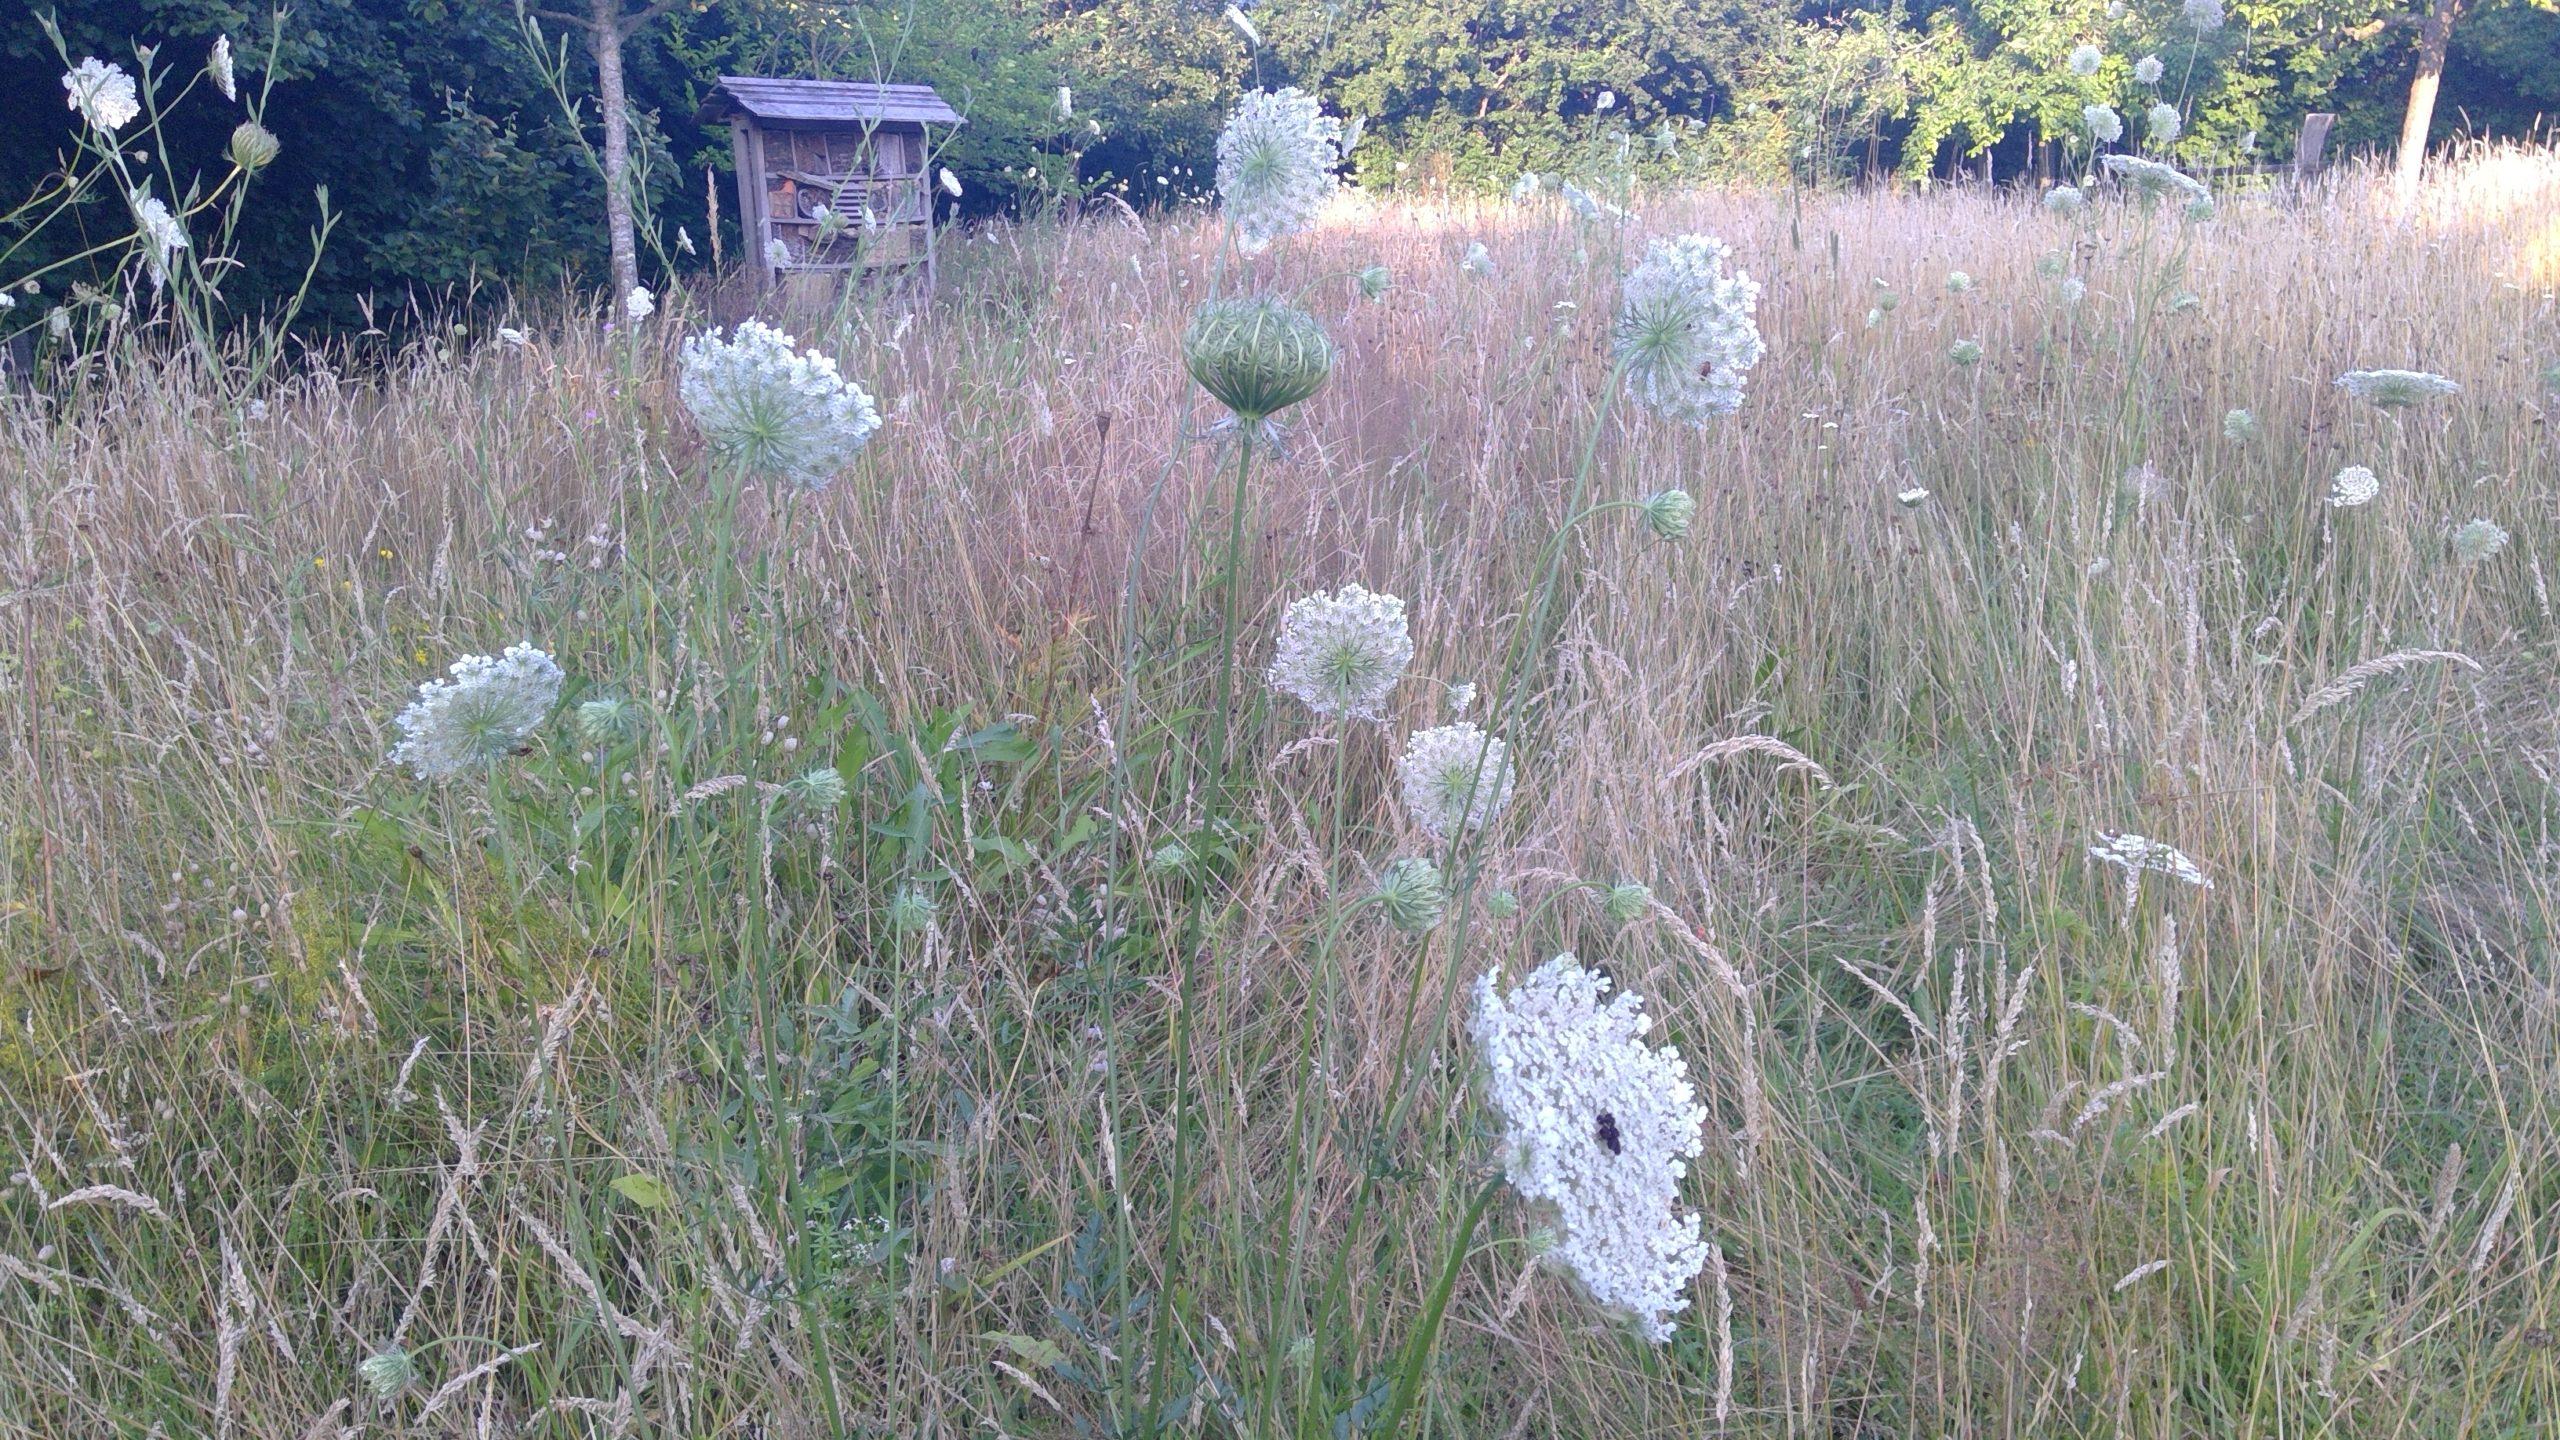 Blumenwiese mit Wilder Möhre